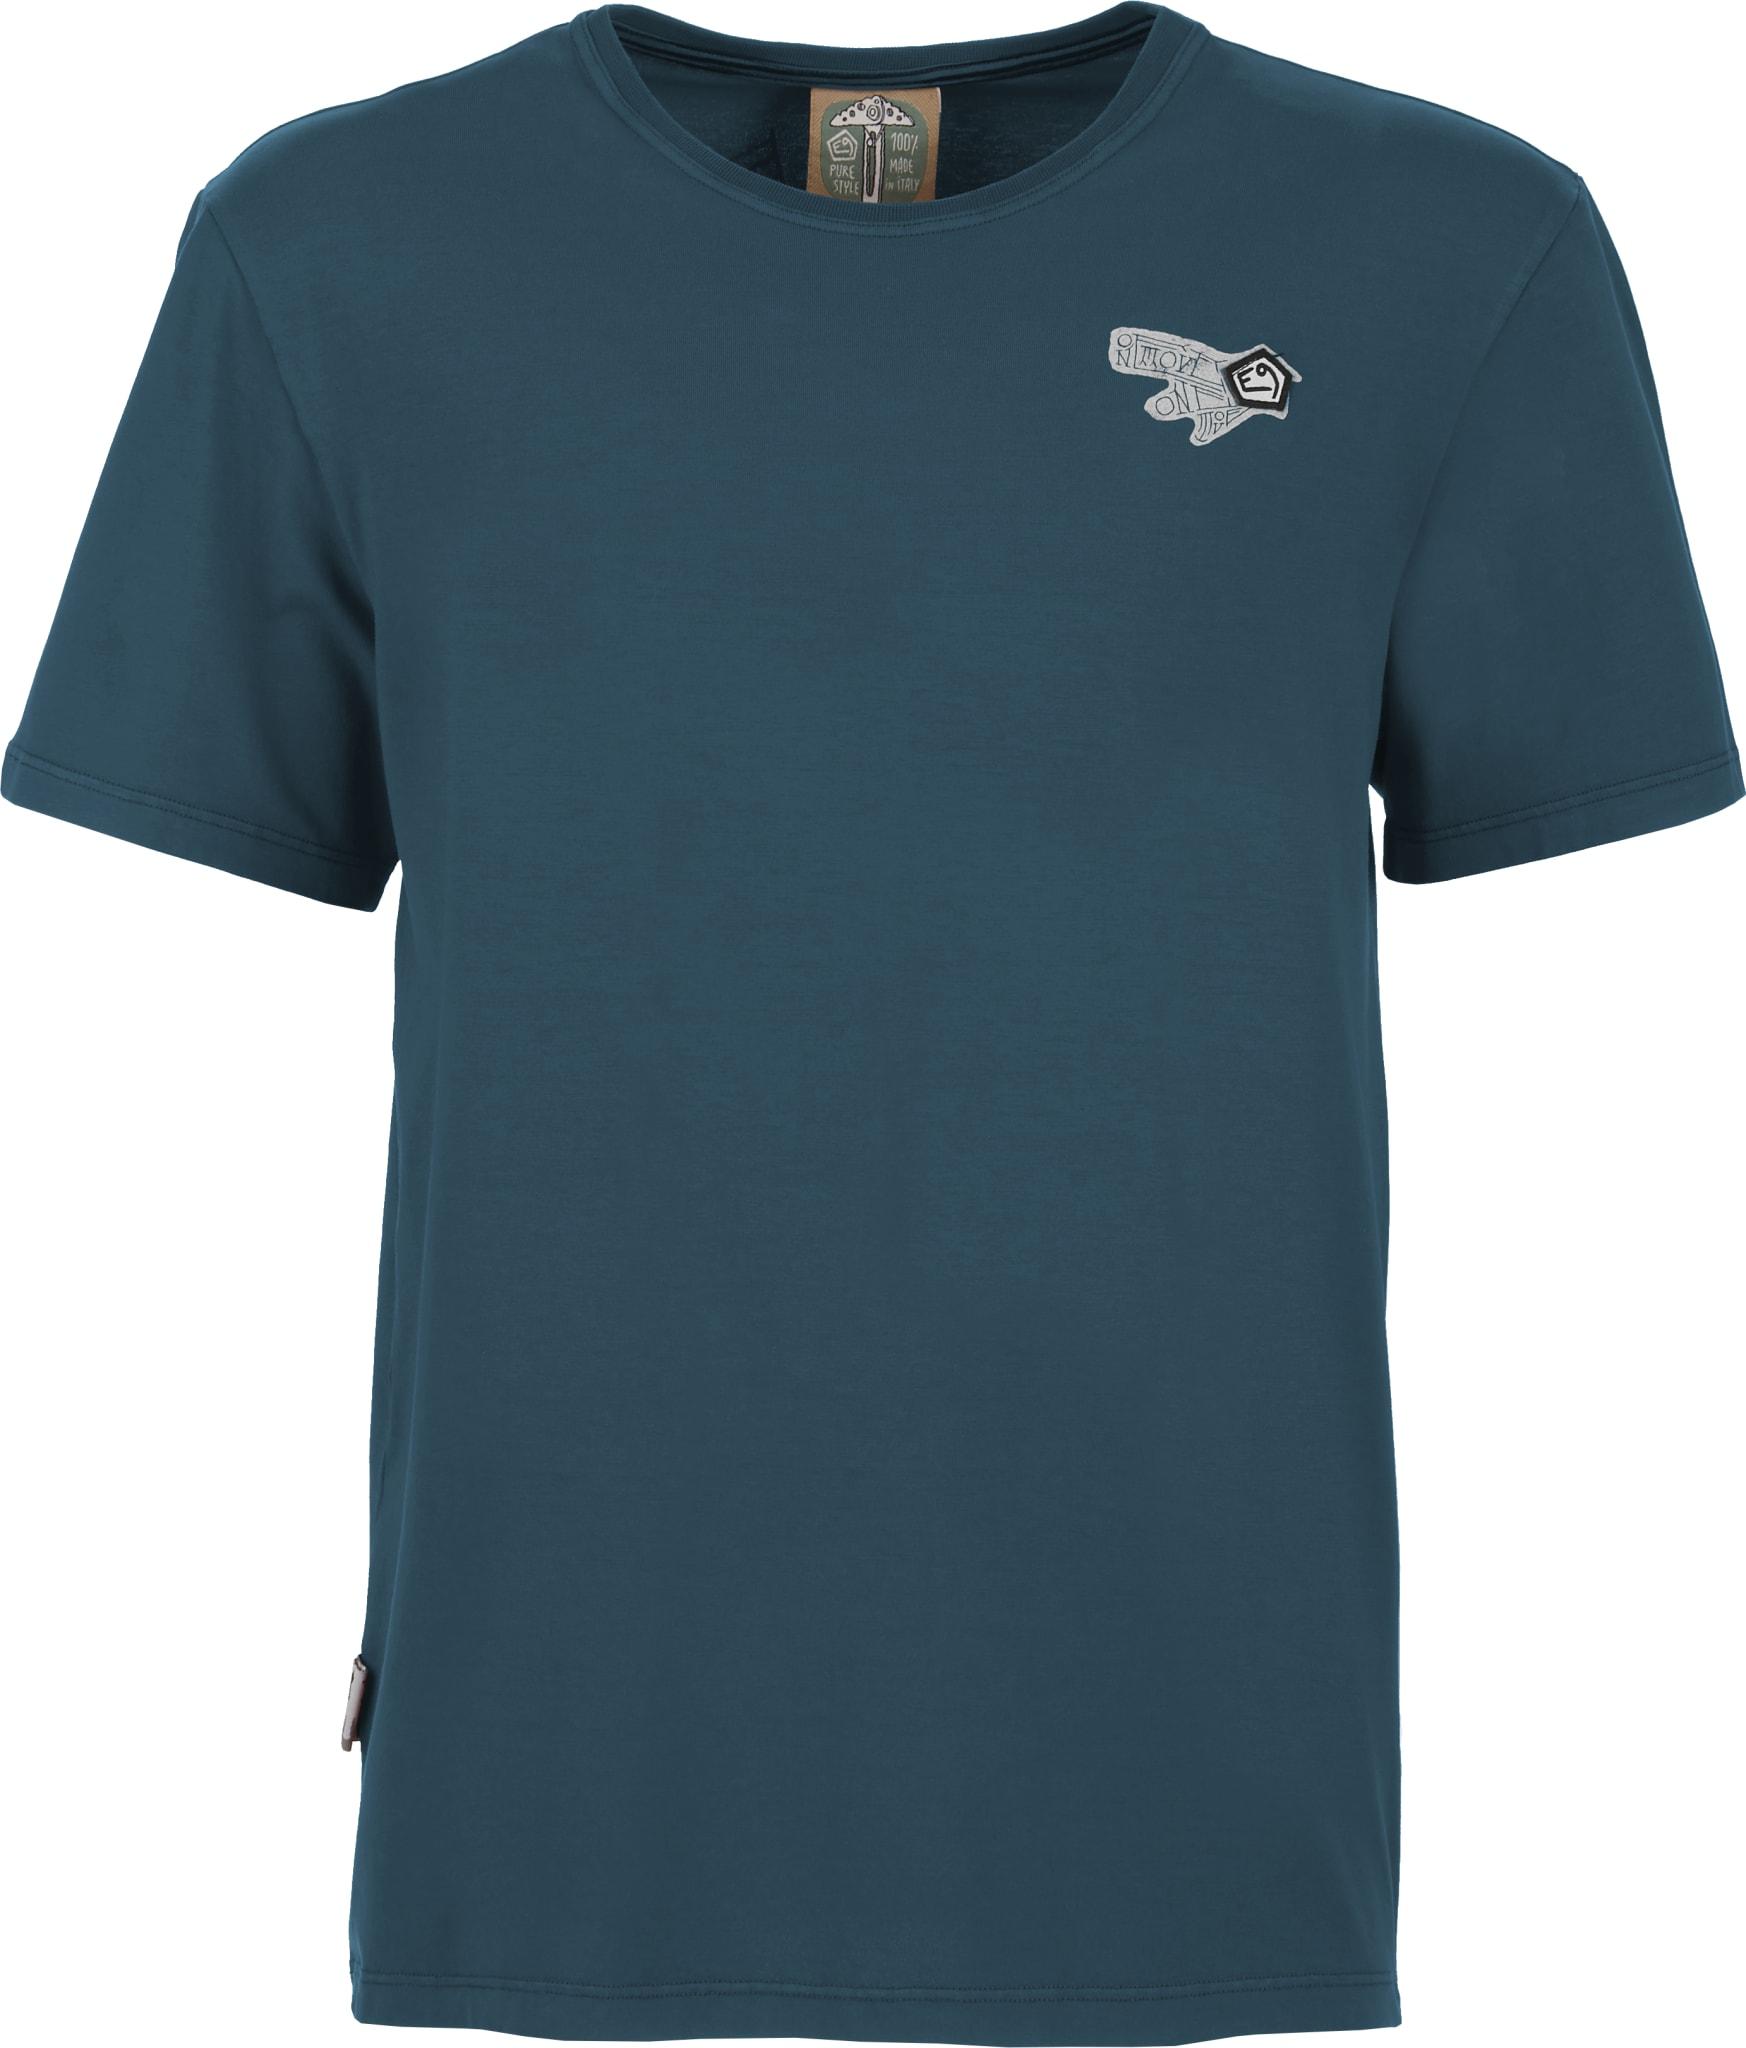 Stilig t-skjorte til klatring og hverdags